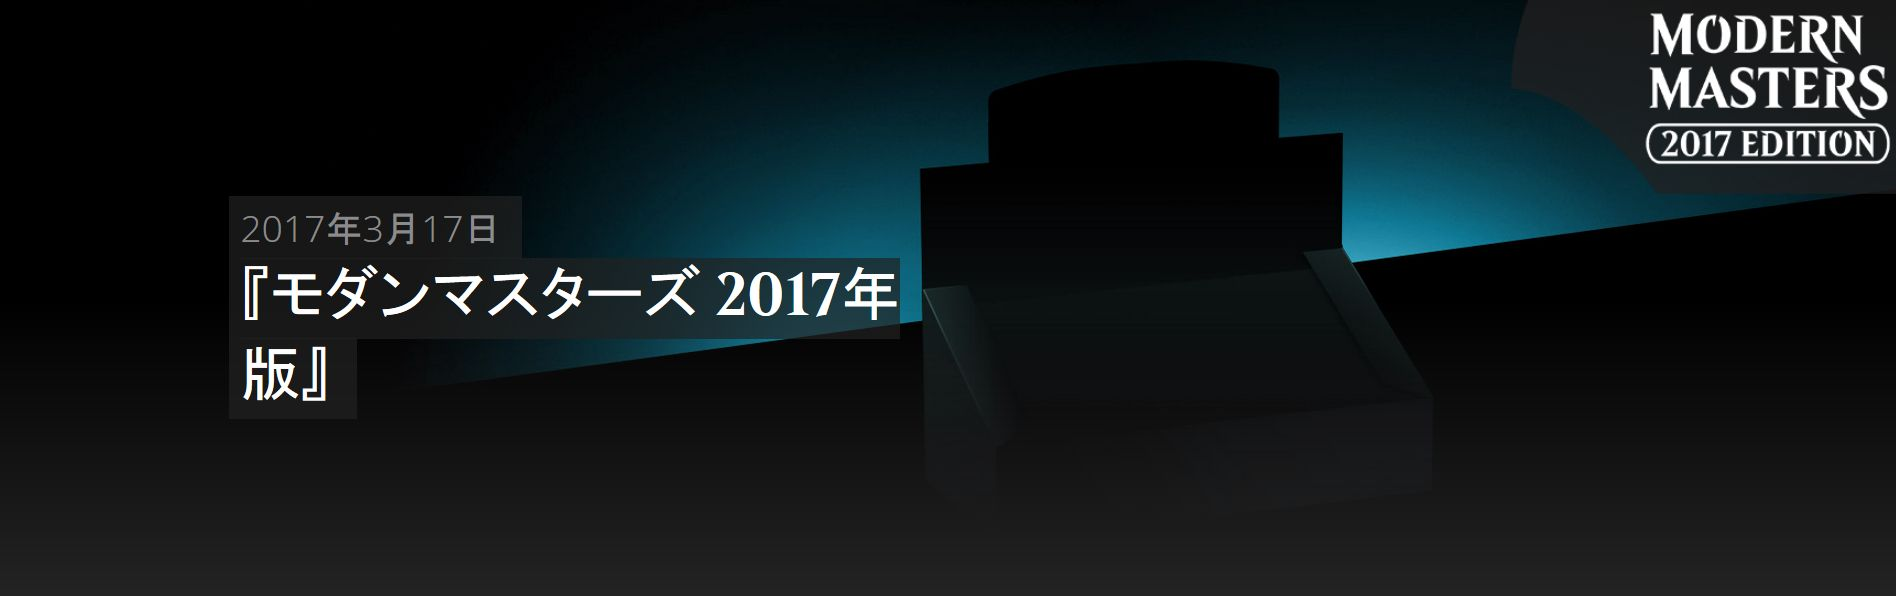 MTG「モダンマスターズ2017」が2017年3月17日に発売!「イニストラード」から「ラヴニカへの回帰」までのカードが再録!